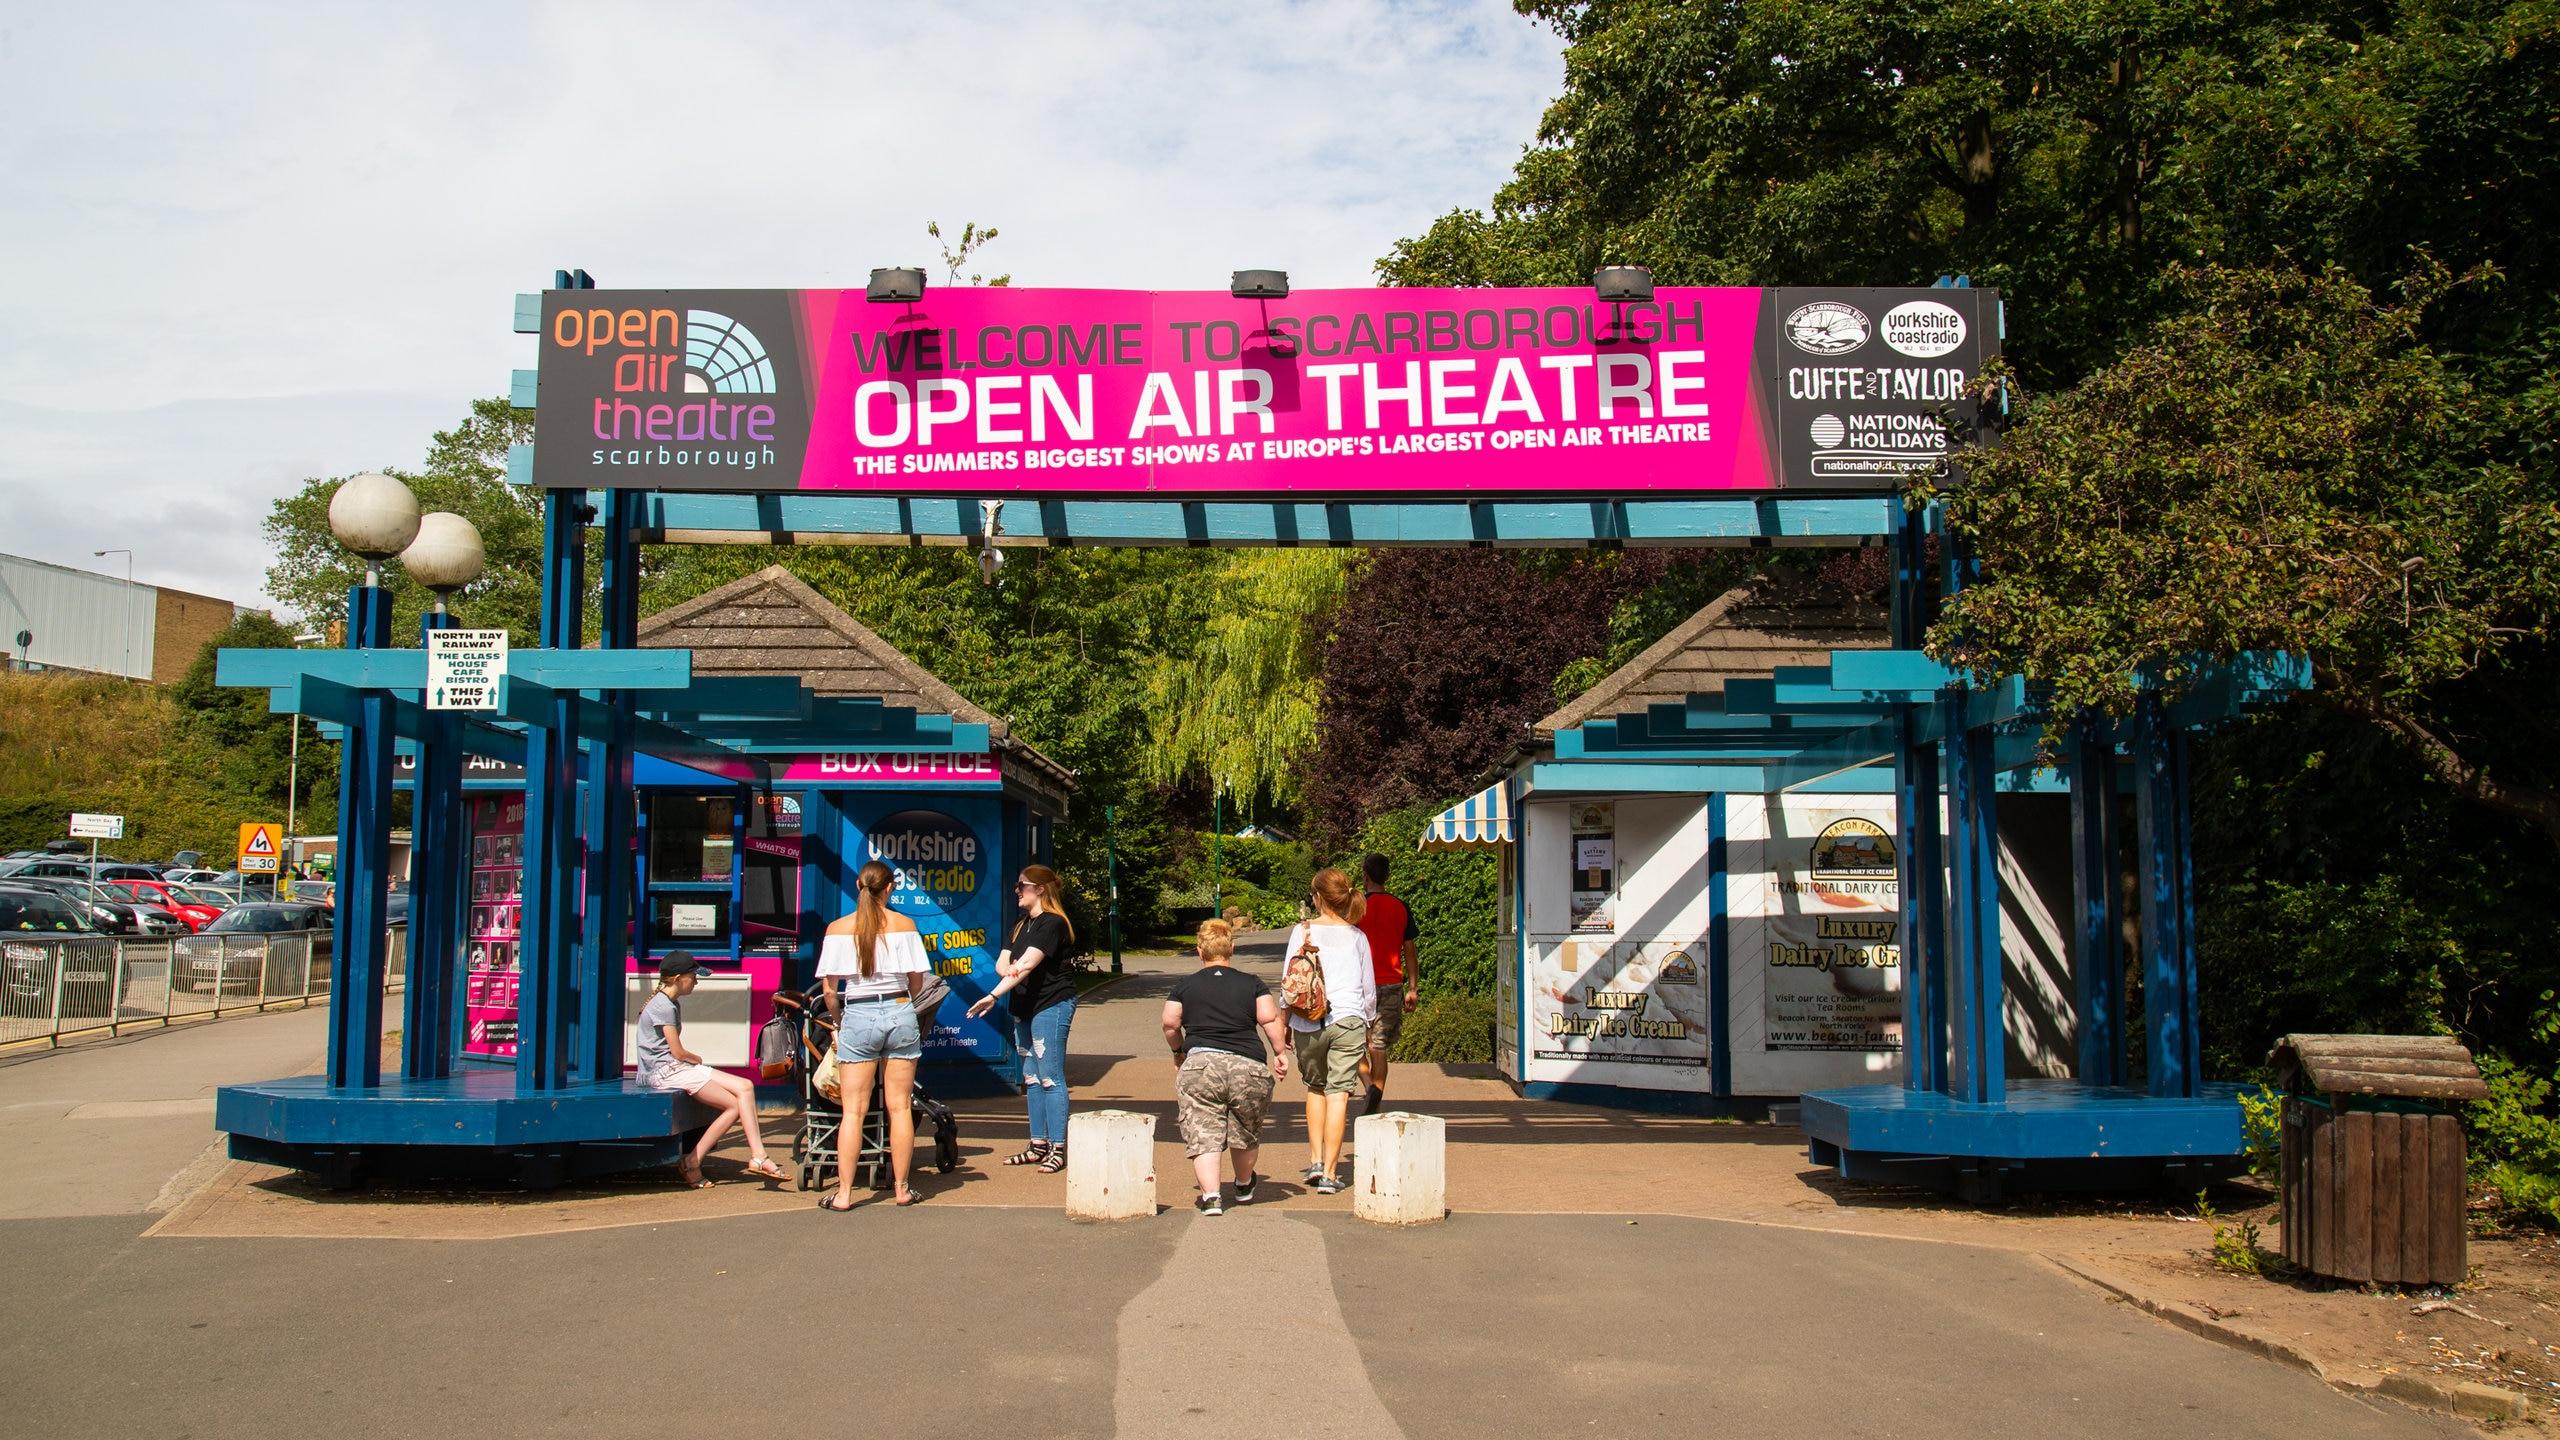 Se verdensberømte forestillinger og musikoptrædener på et af Europas største friluftsteatre, hvis scene ligger i unikke omgivelser.